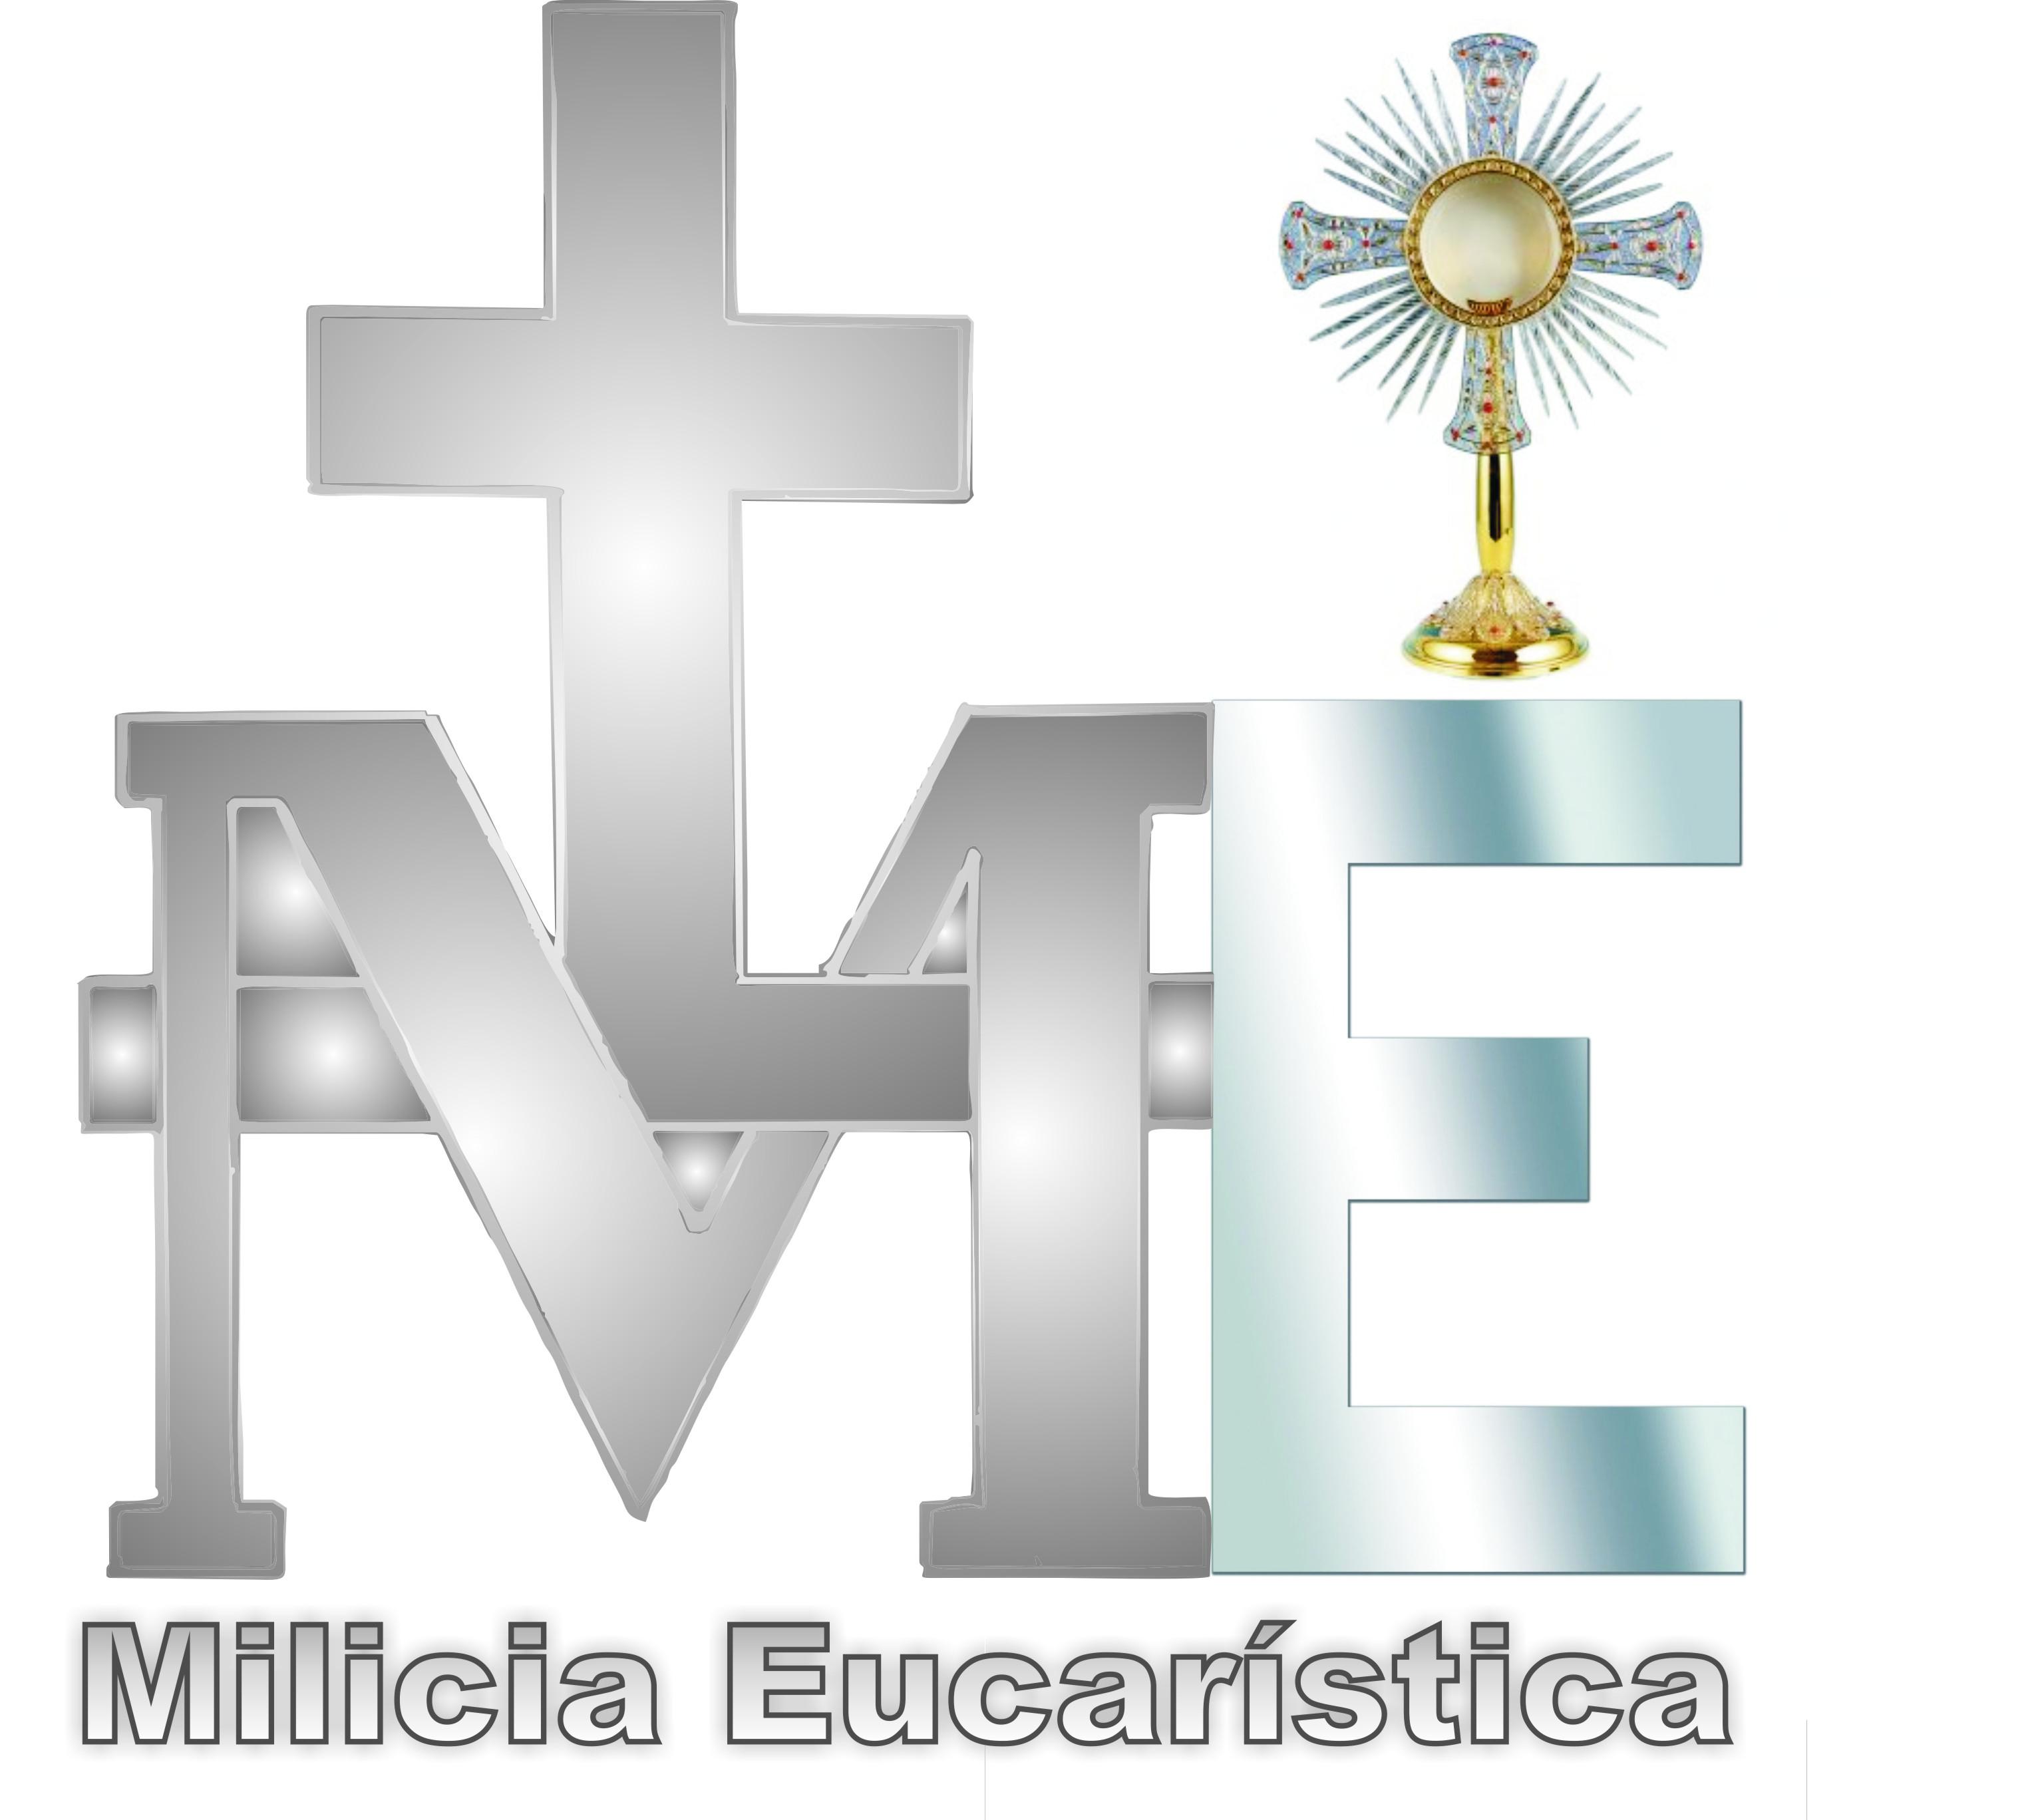 Militiae2